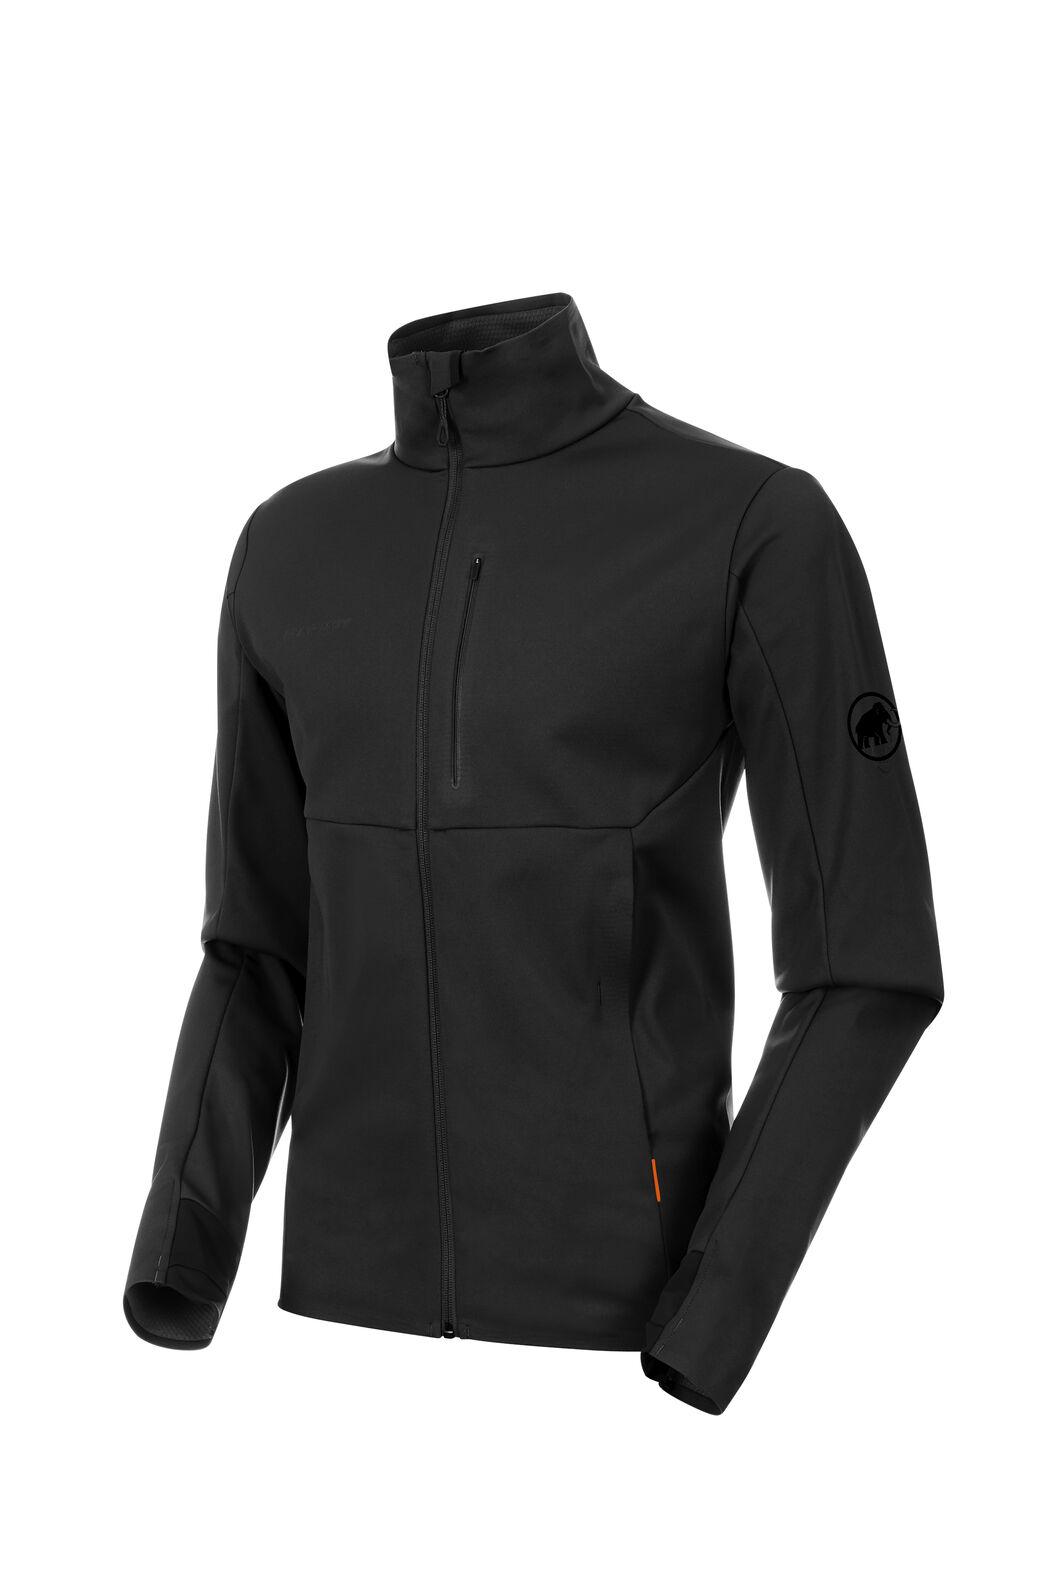 Mammut Ultimate V Softshell Jacket - Men's, Black/Black, hi-res